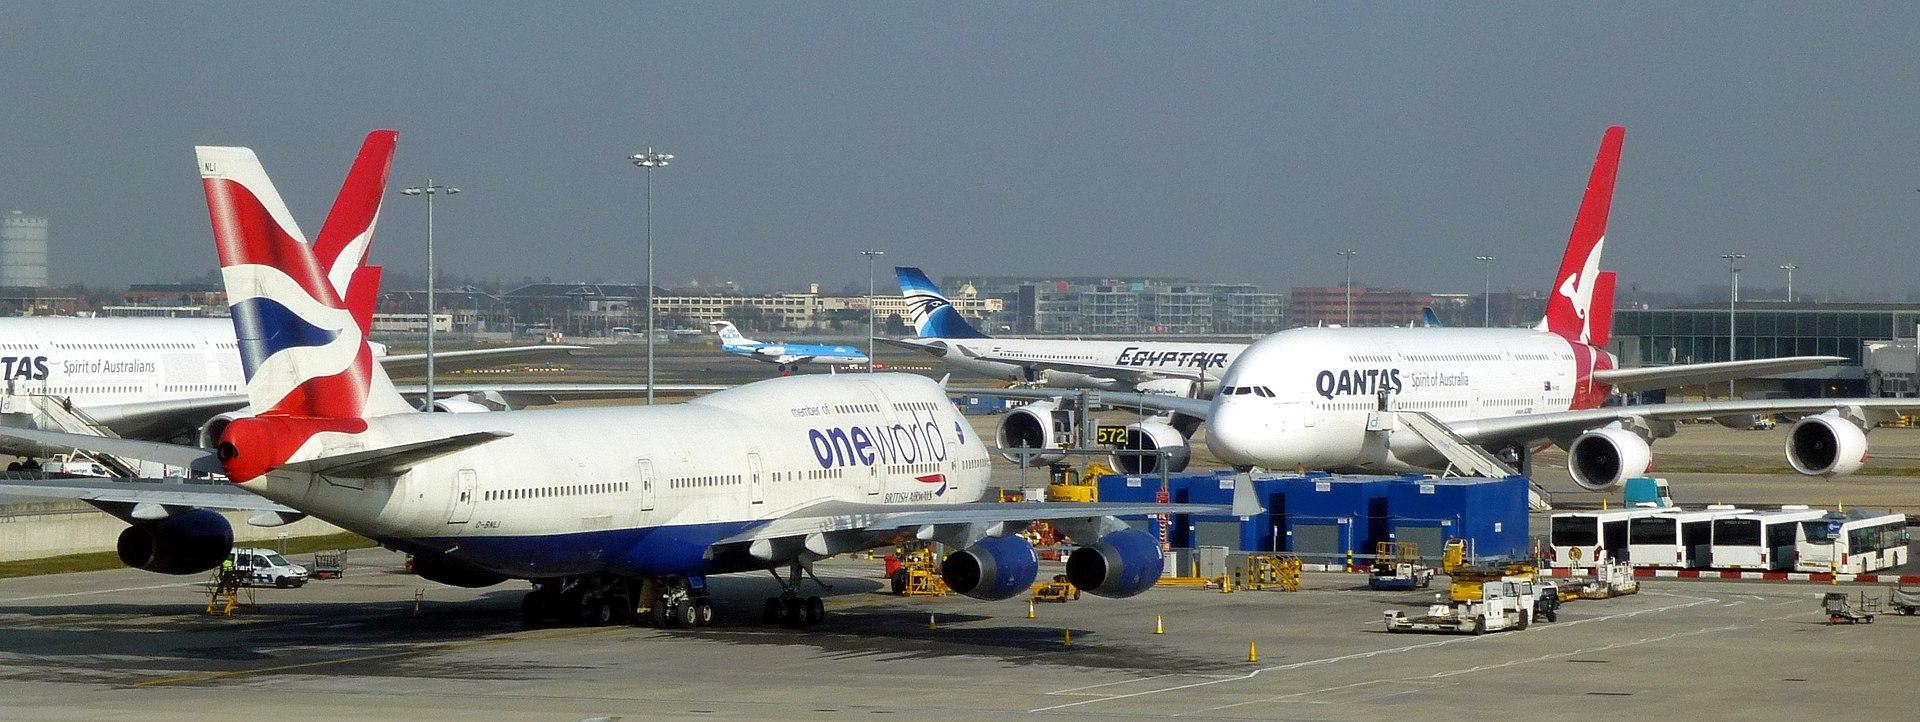 Airbus и Boeing готовы наращивать производство самолетов